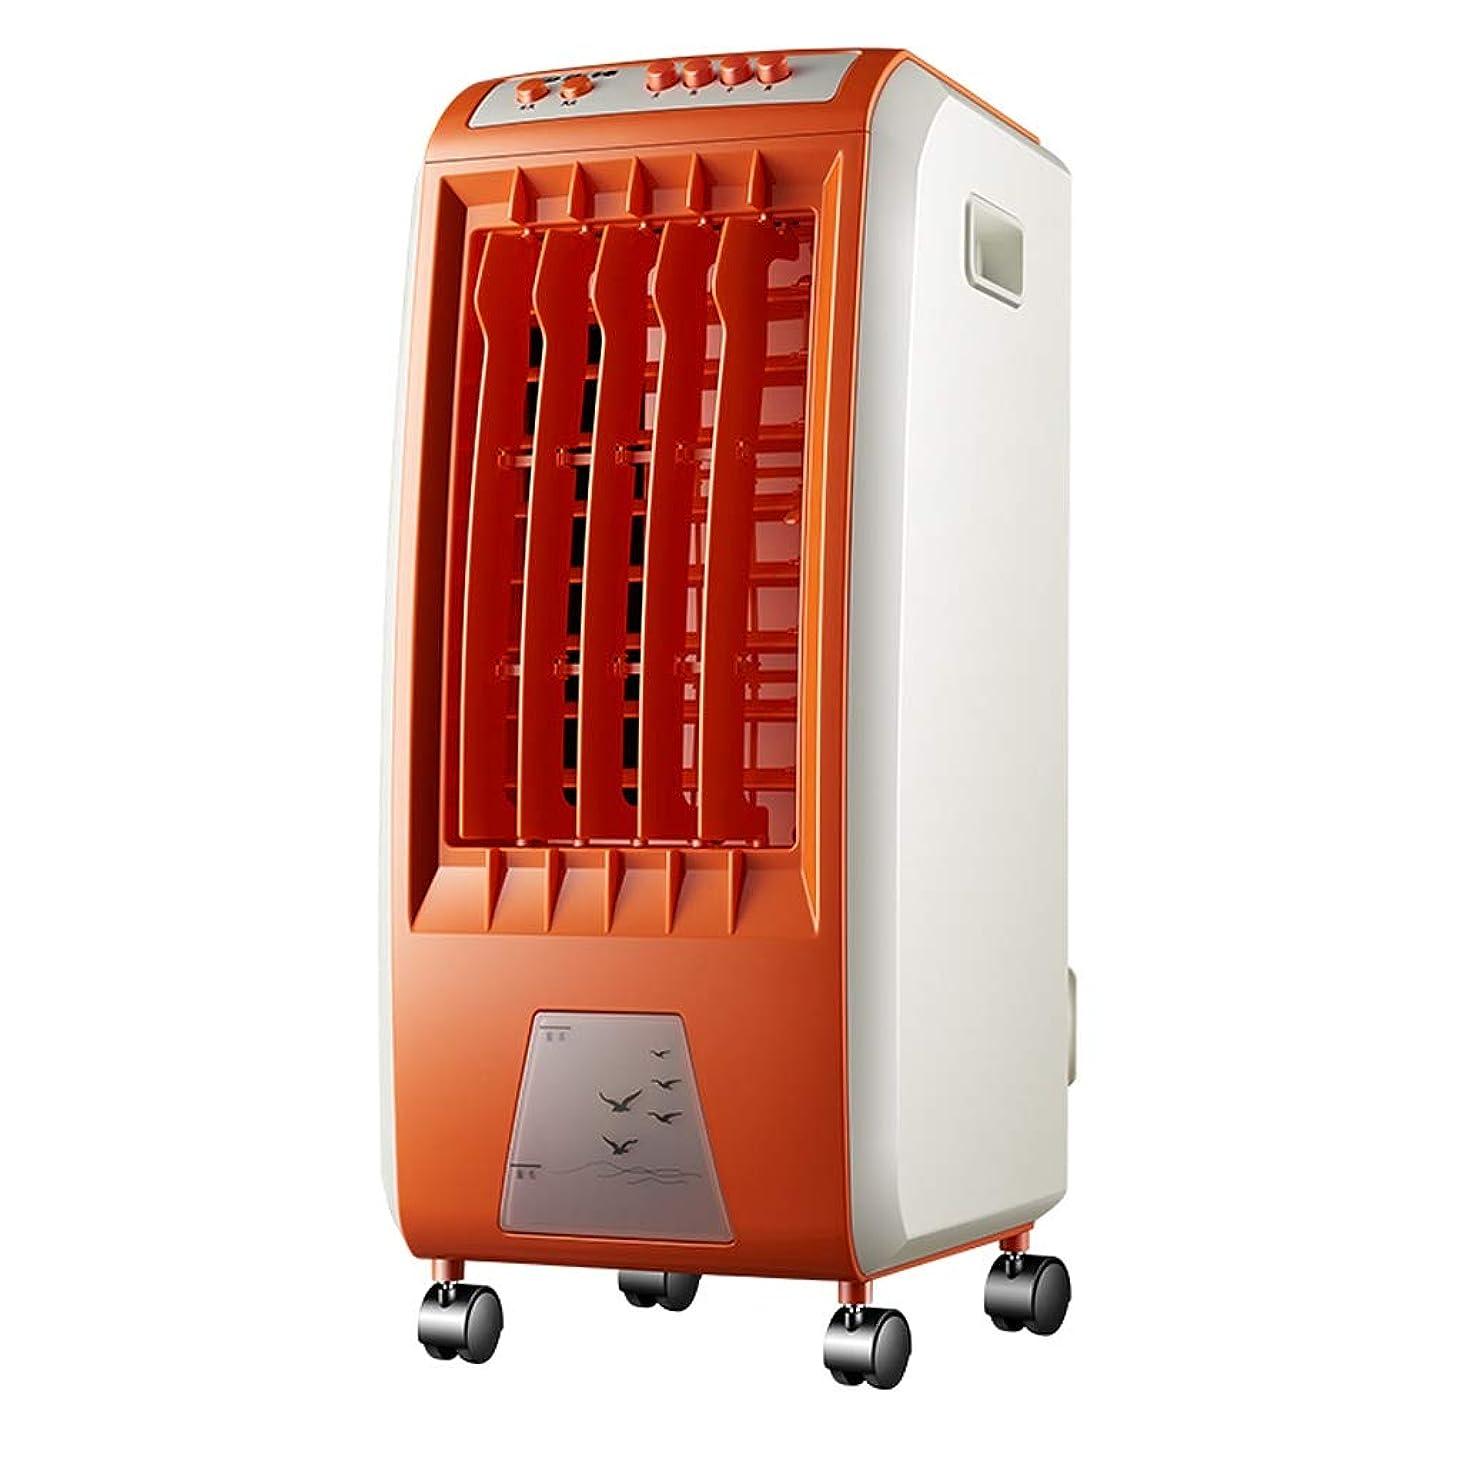 レタス身元合理的単一の冷たい空調ファンのオレンジの機械的なバージョン、省エネの静かな可動式の水冷却ファン